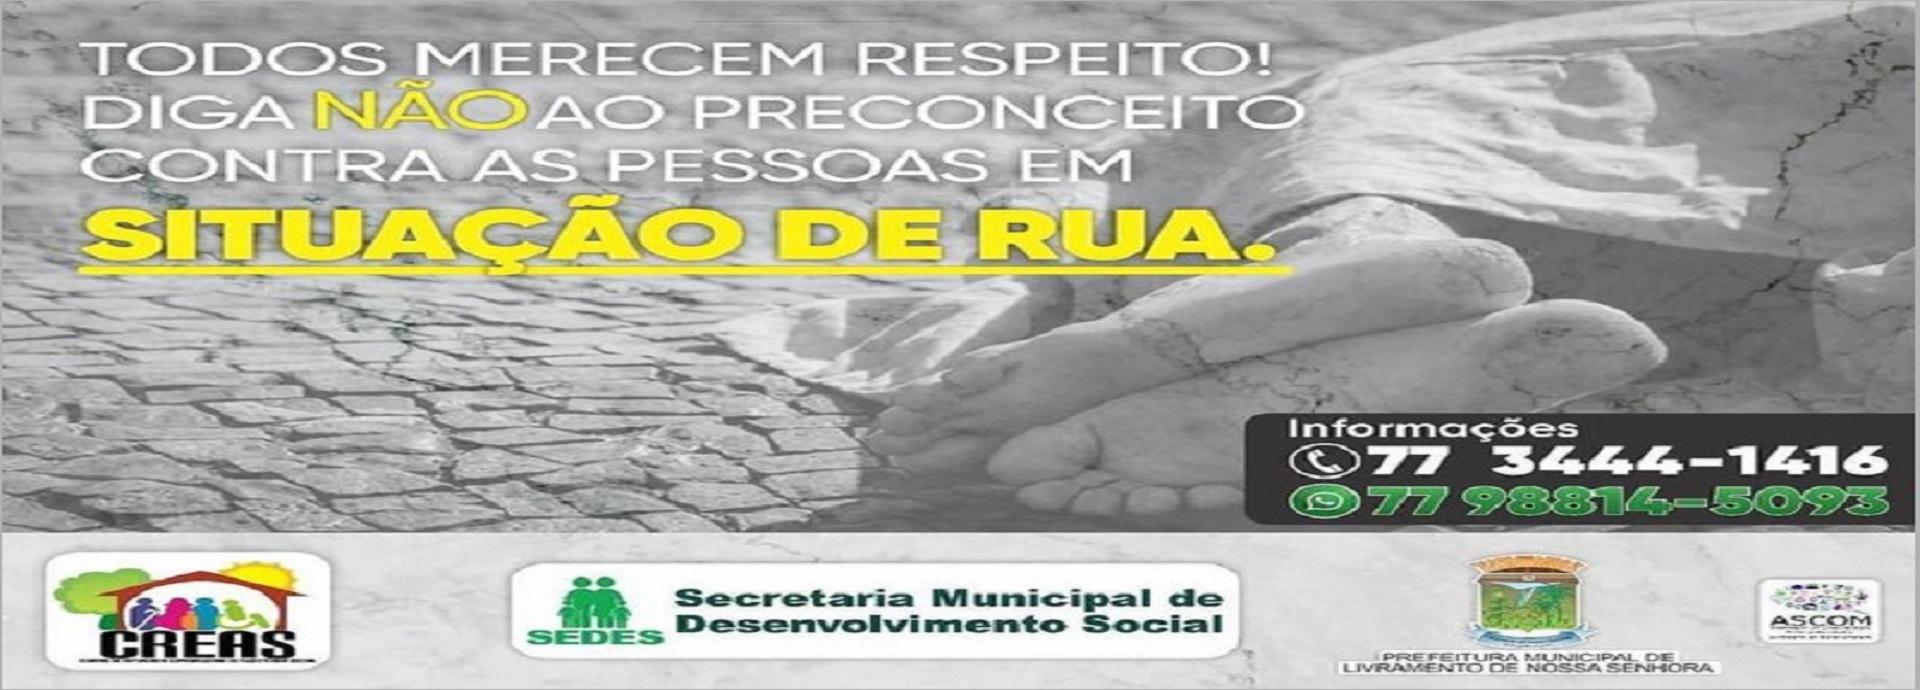 O CREAS, faz campanha no combate a discriminação das Pessoas em Situação de Rua